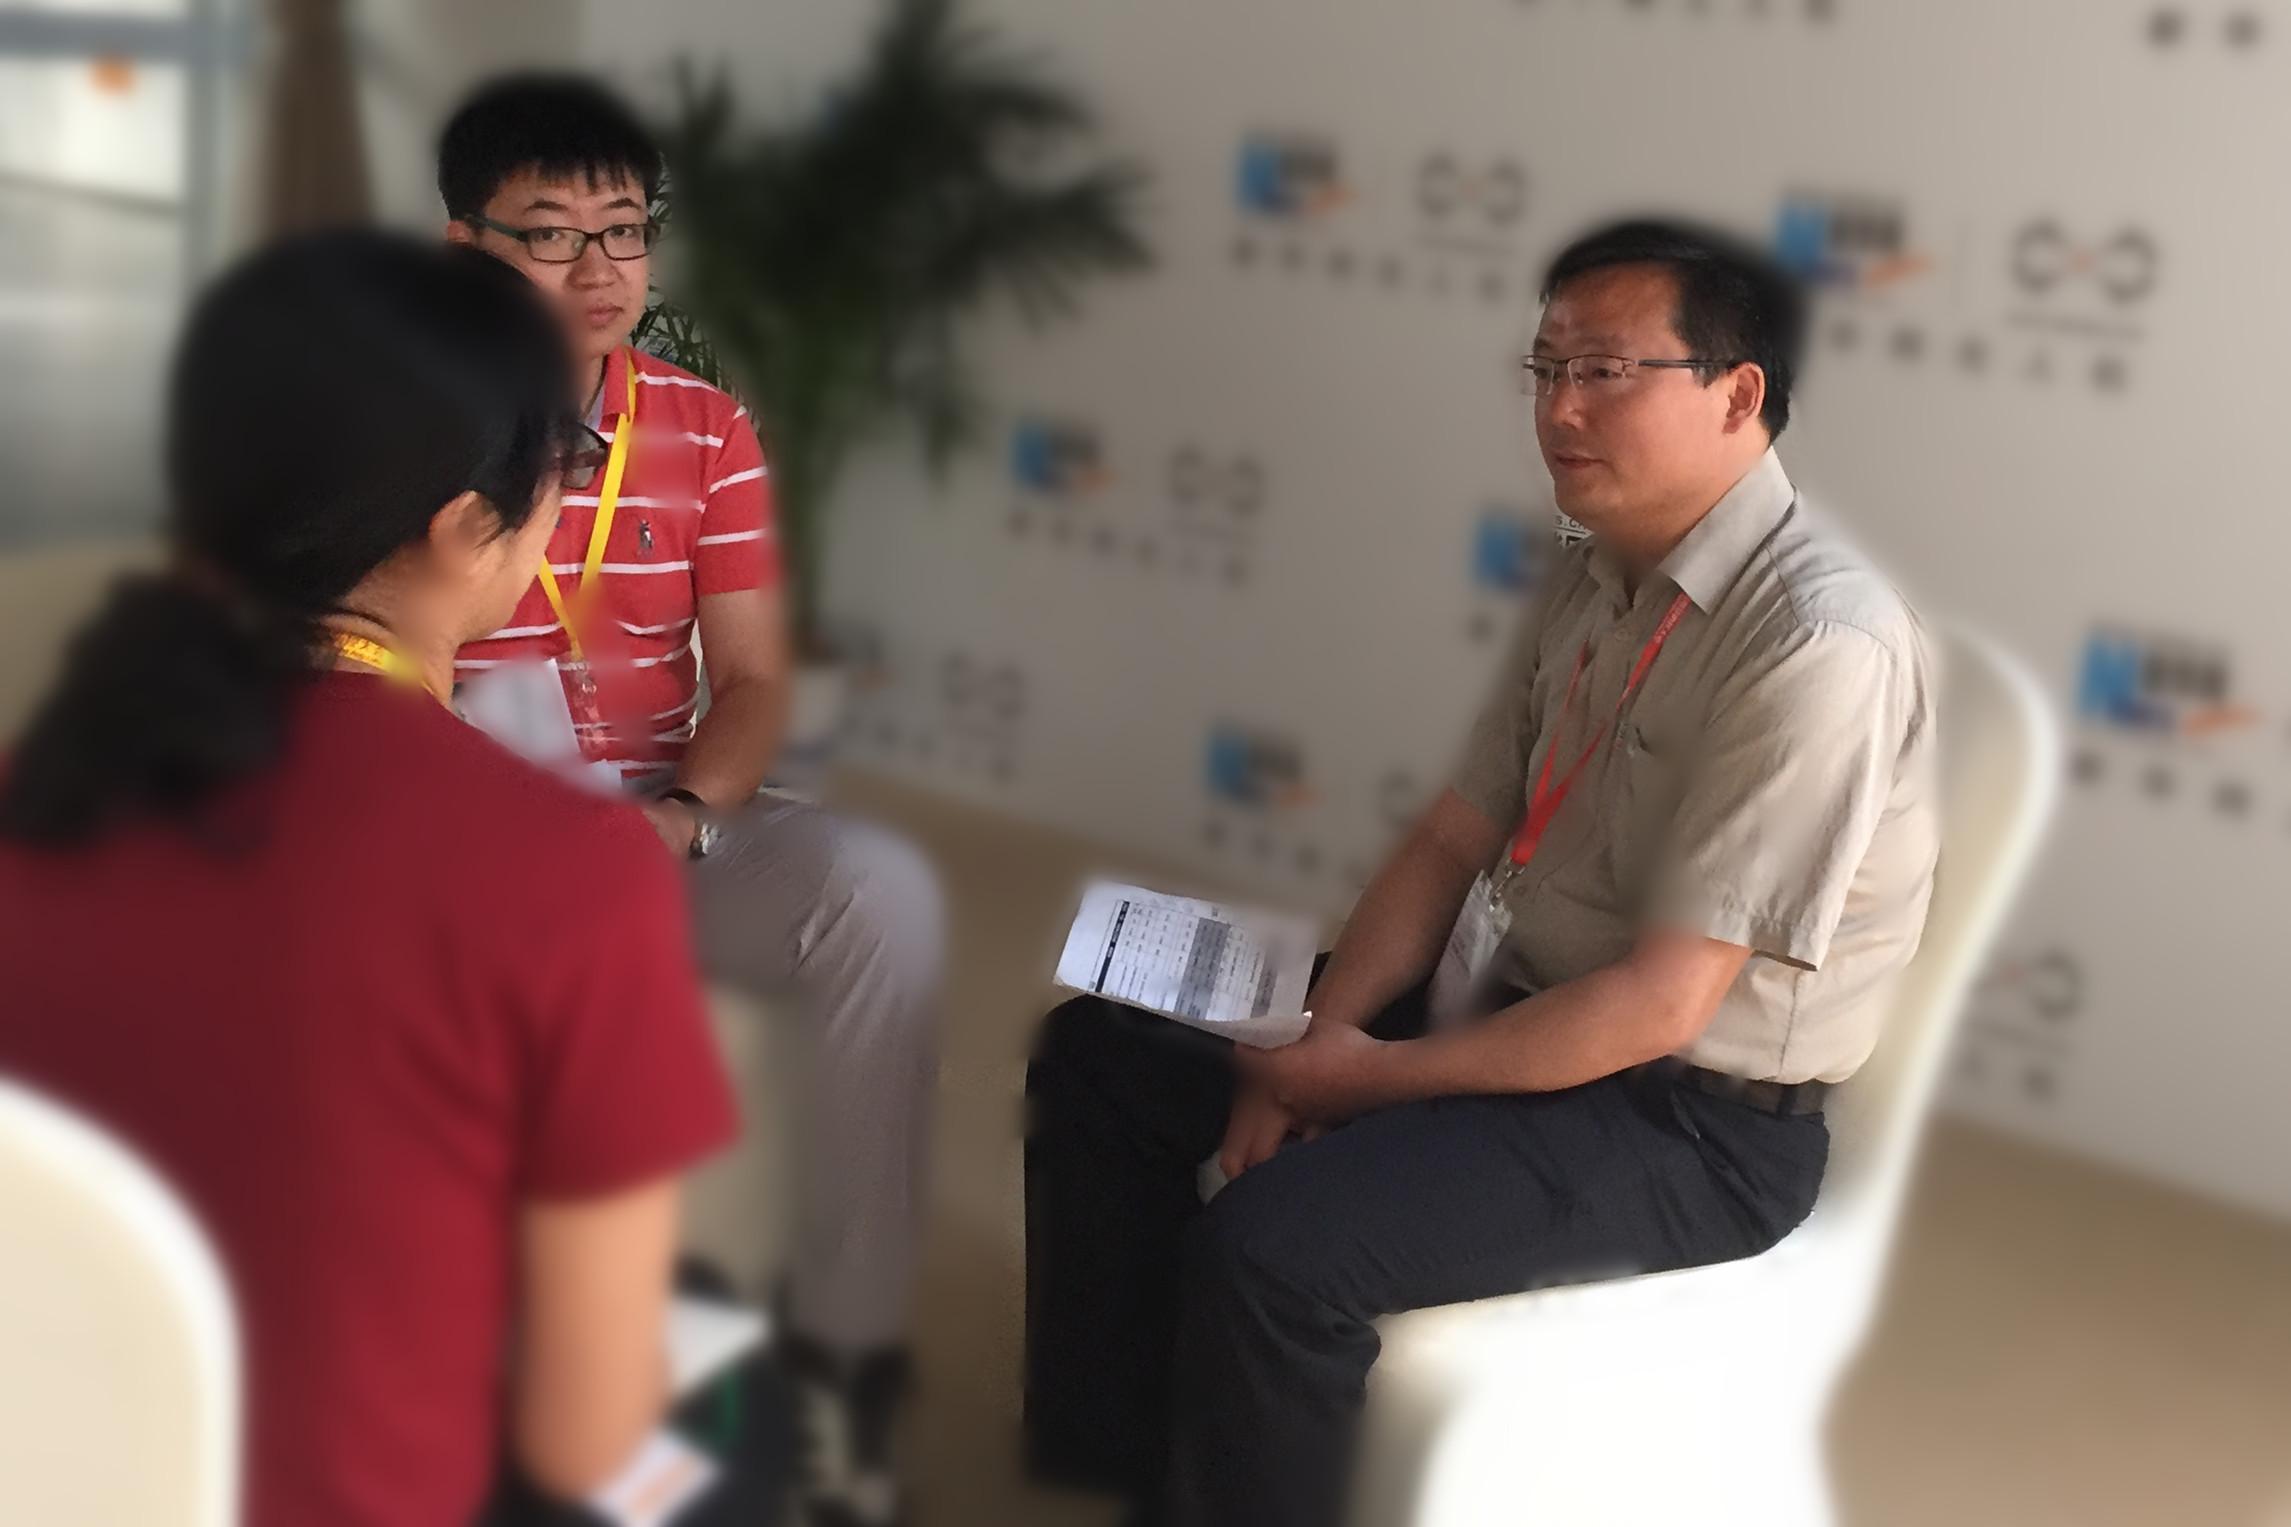 中国低空安全中心主任孙永生:不一定都部署无人机防御系统